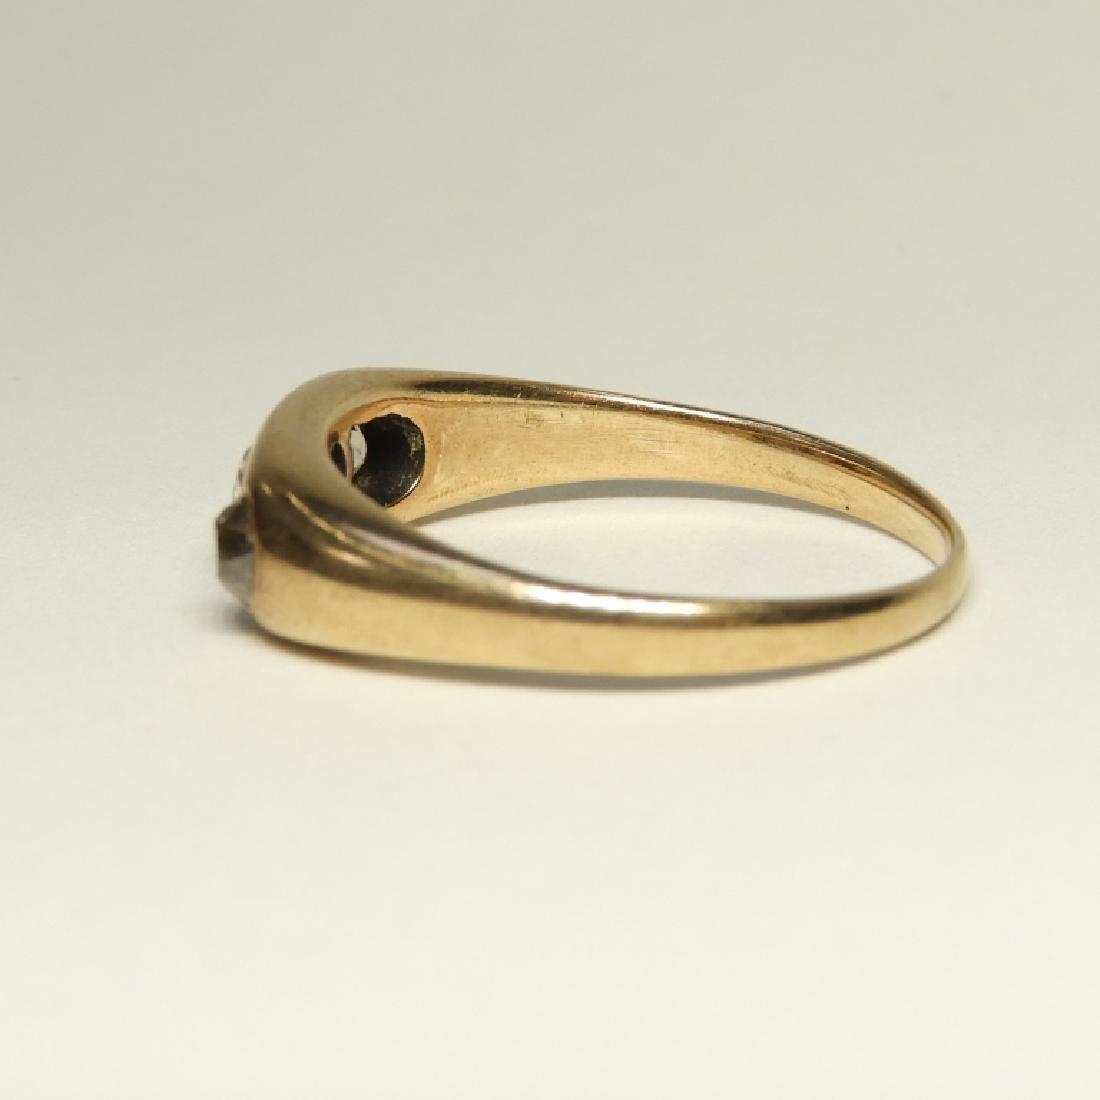 Modernist Design 14K Gold Diamond Ring - 3